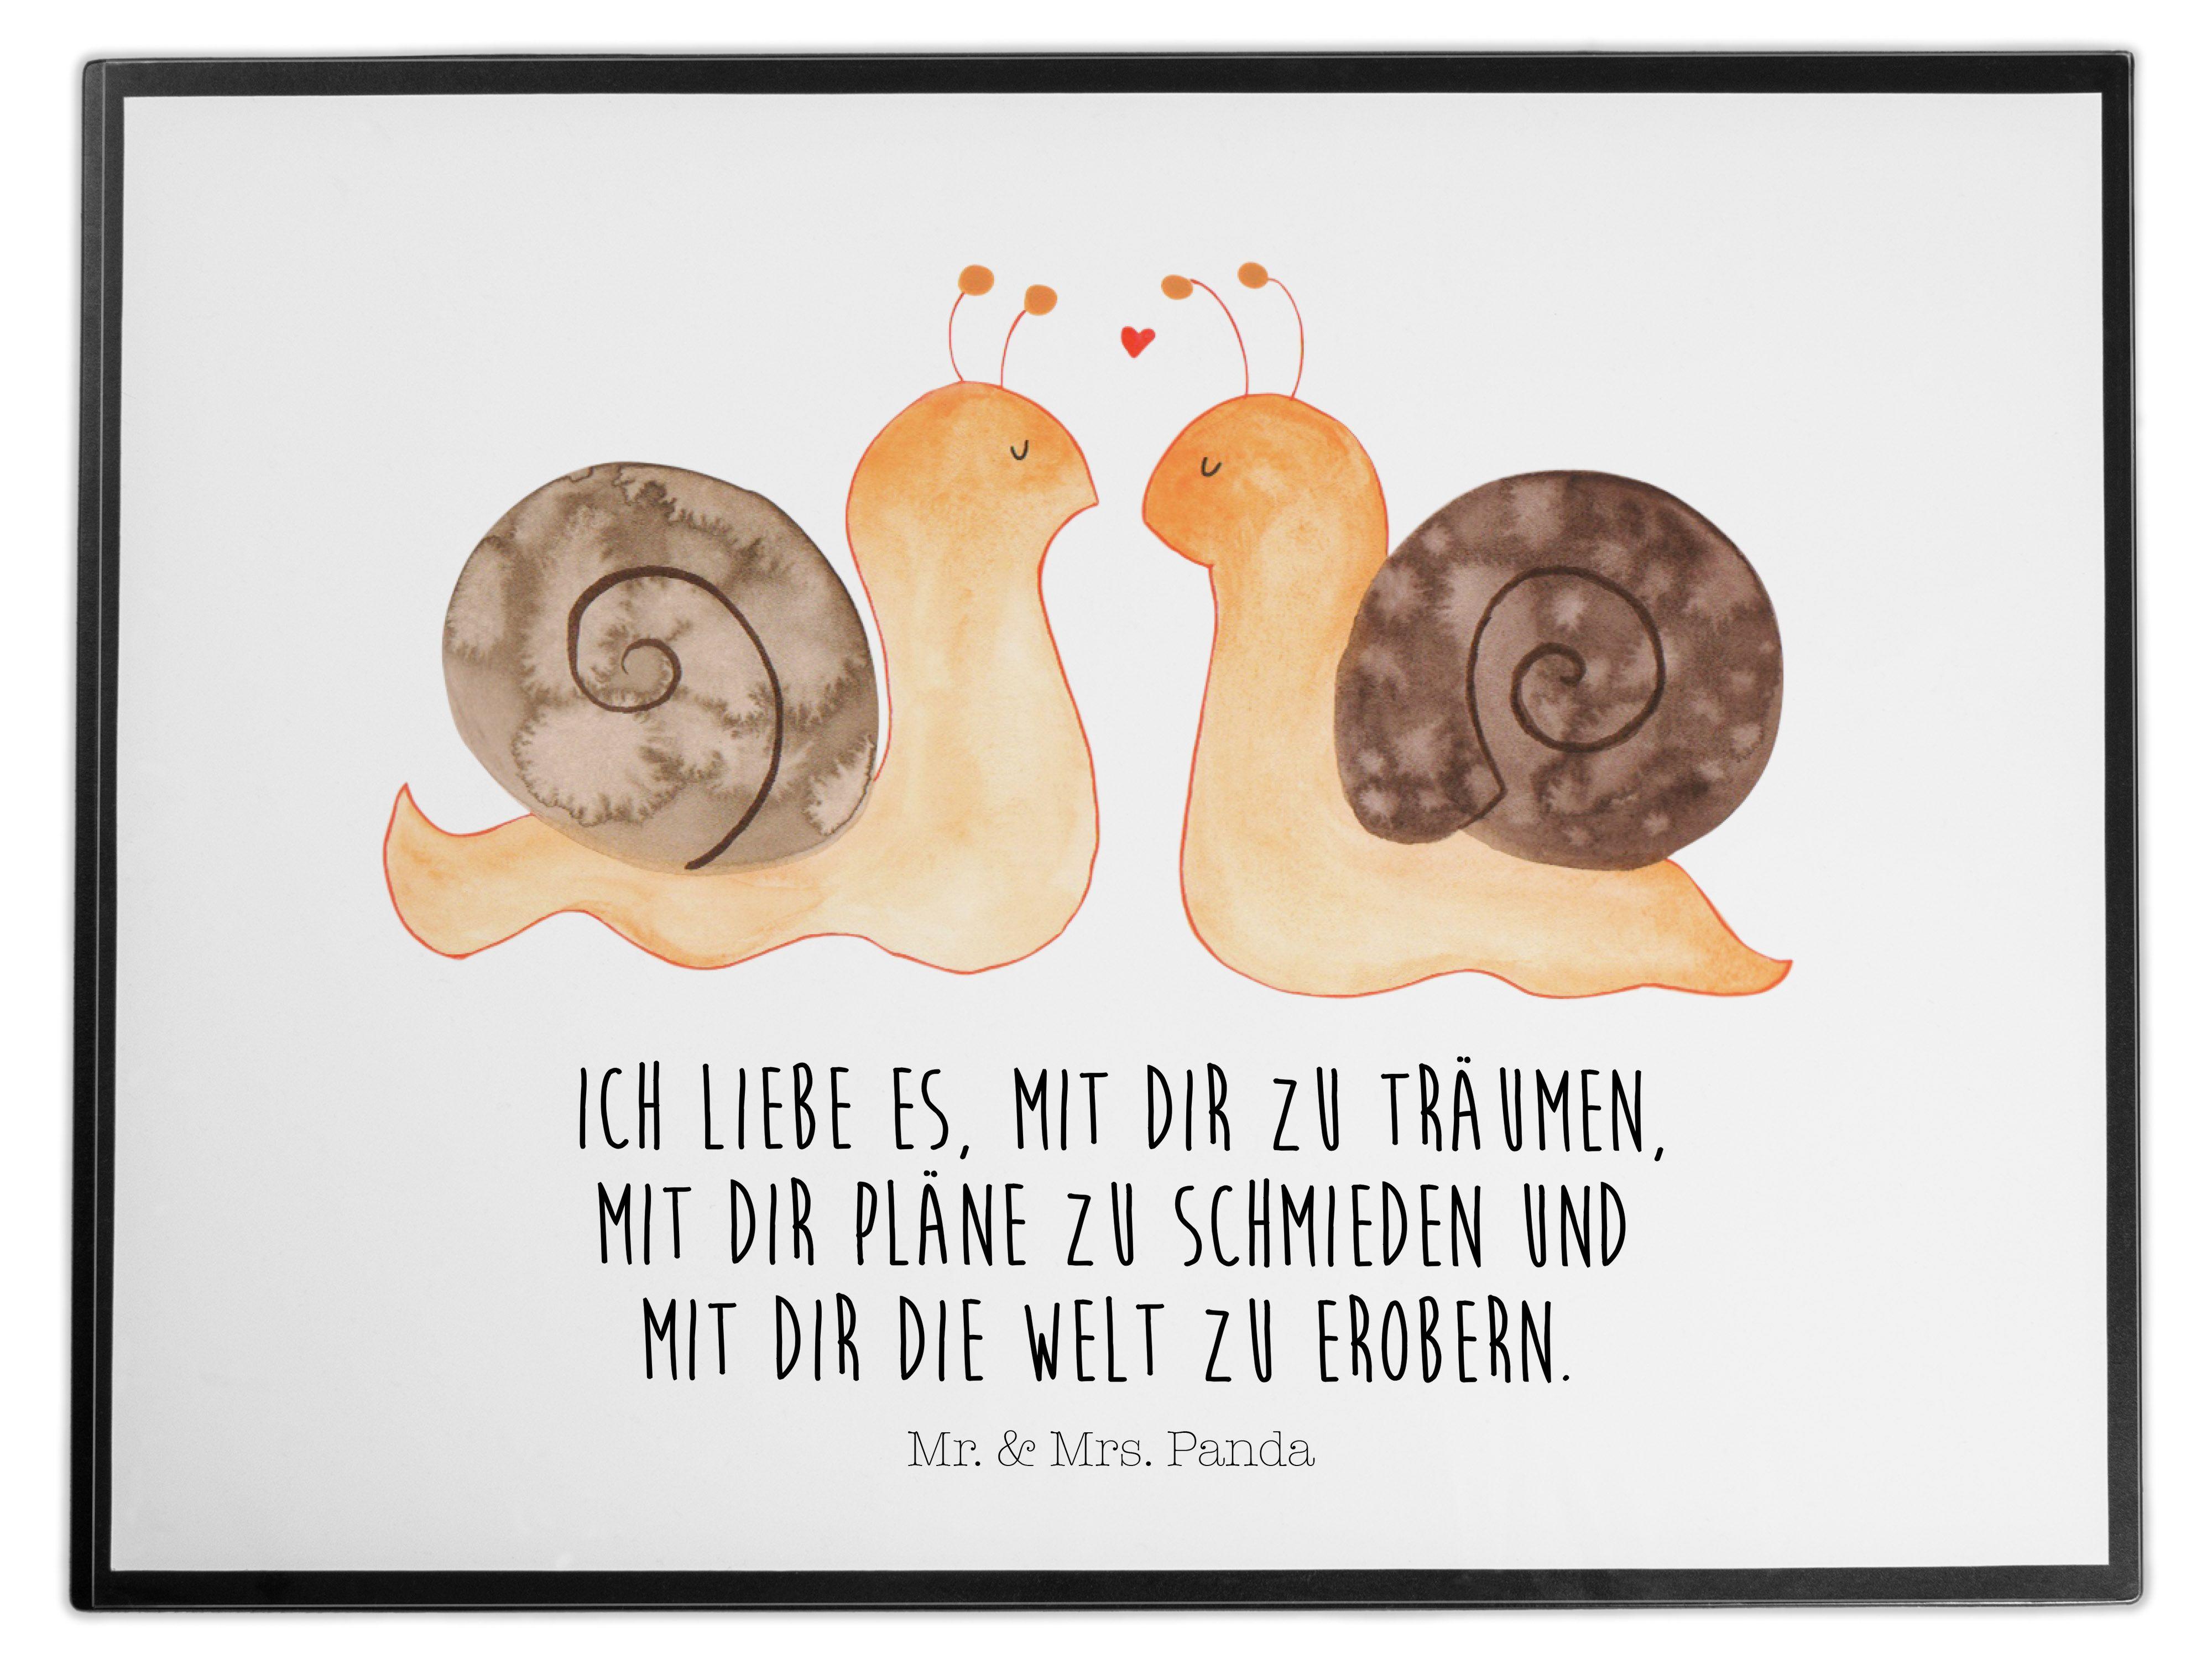 Mr Und Mrs Panda